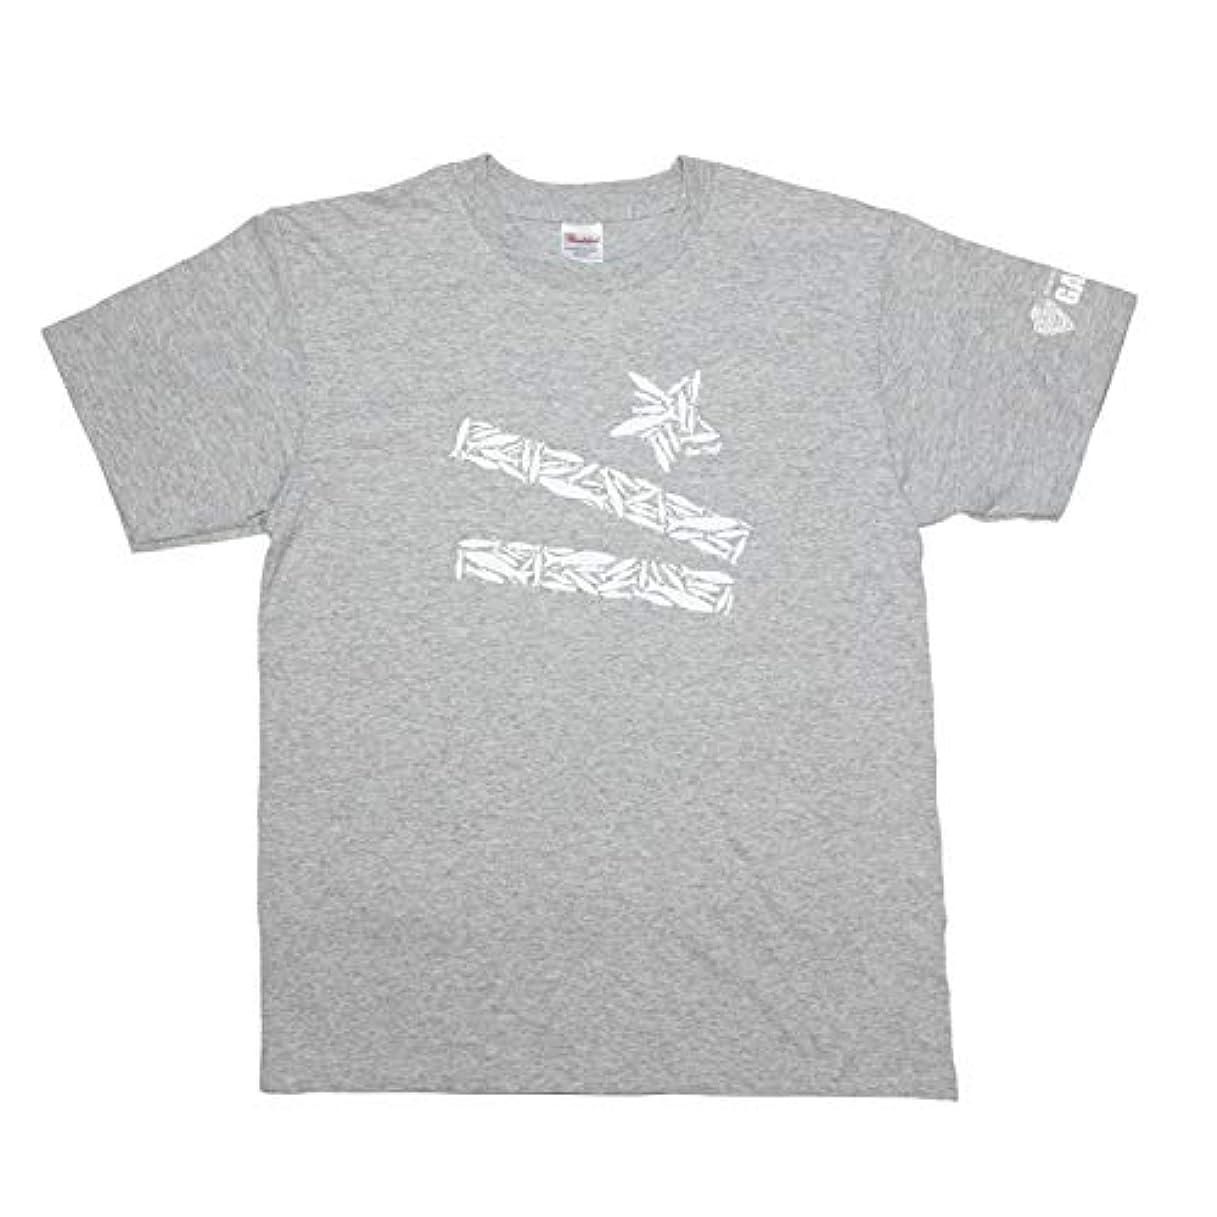 スカート暖炉傭兵ガンクラフト ラッキーリップルアーズTシャツ GAN CRAFT